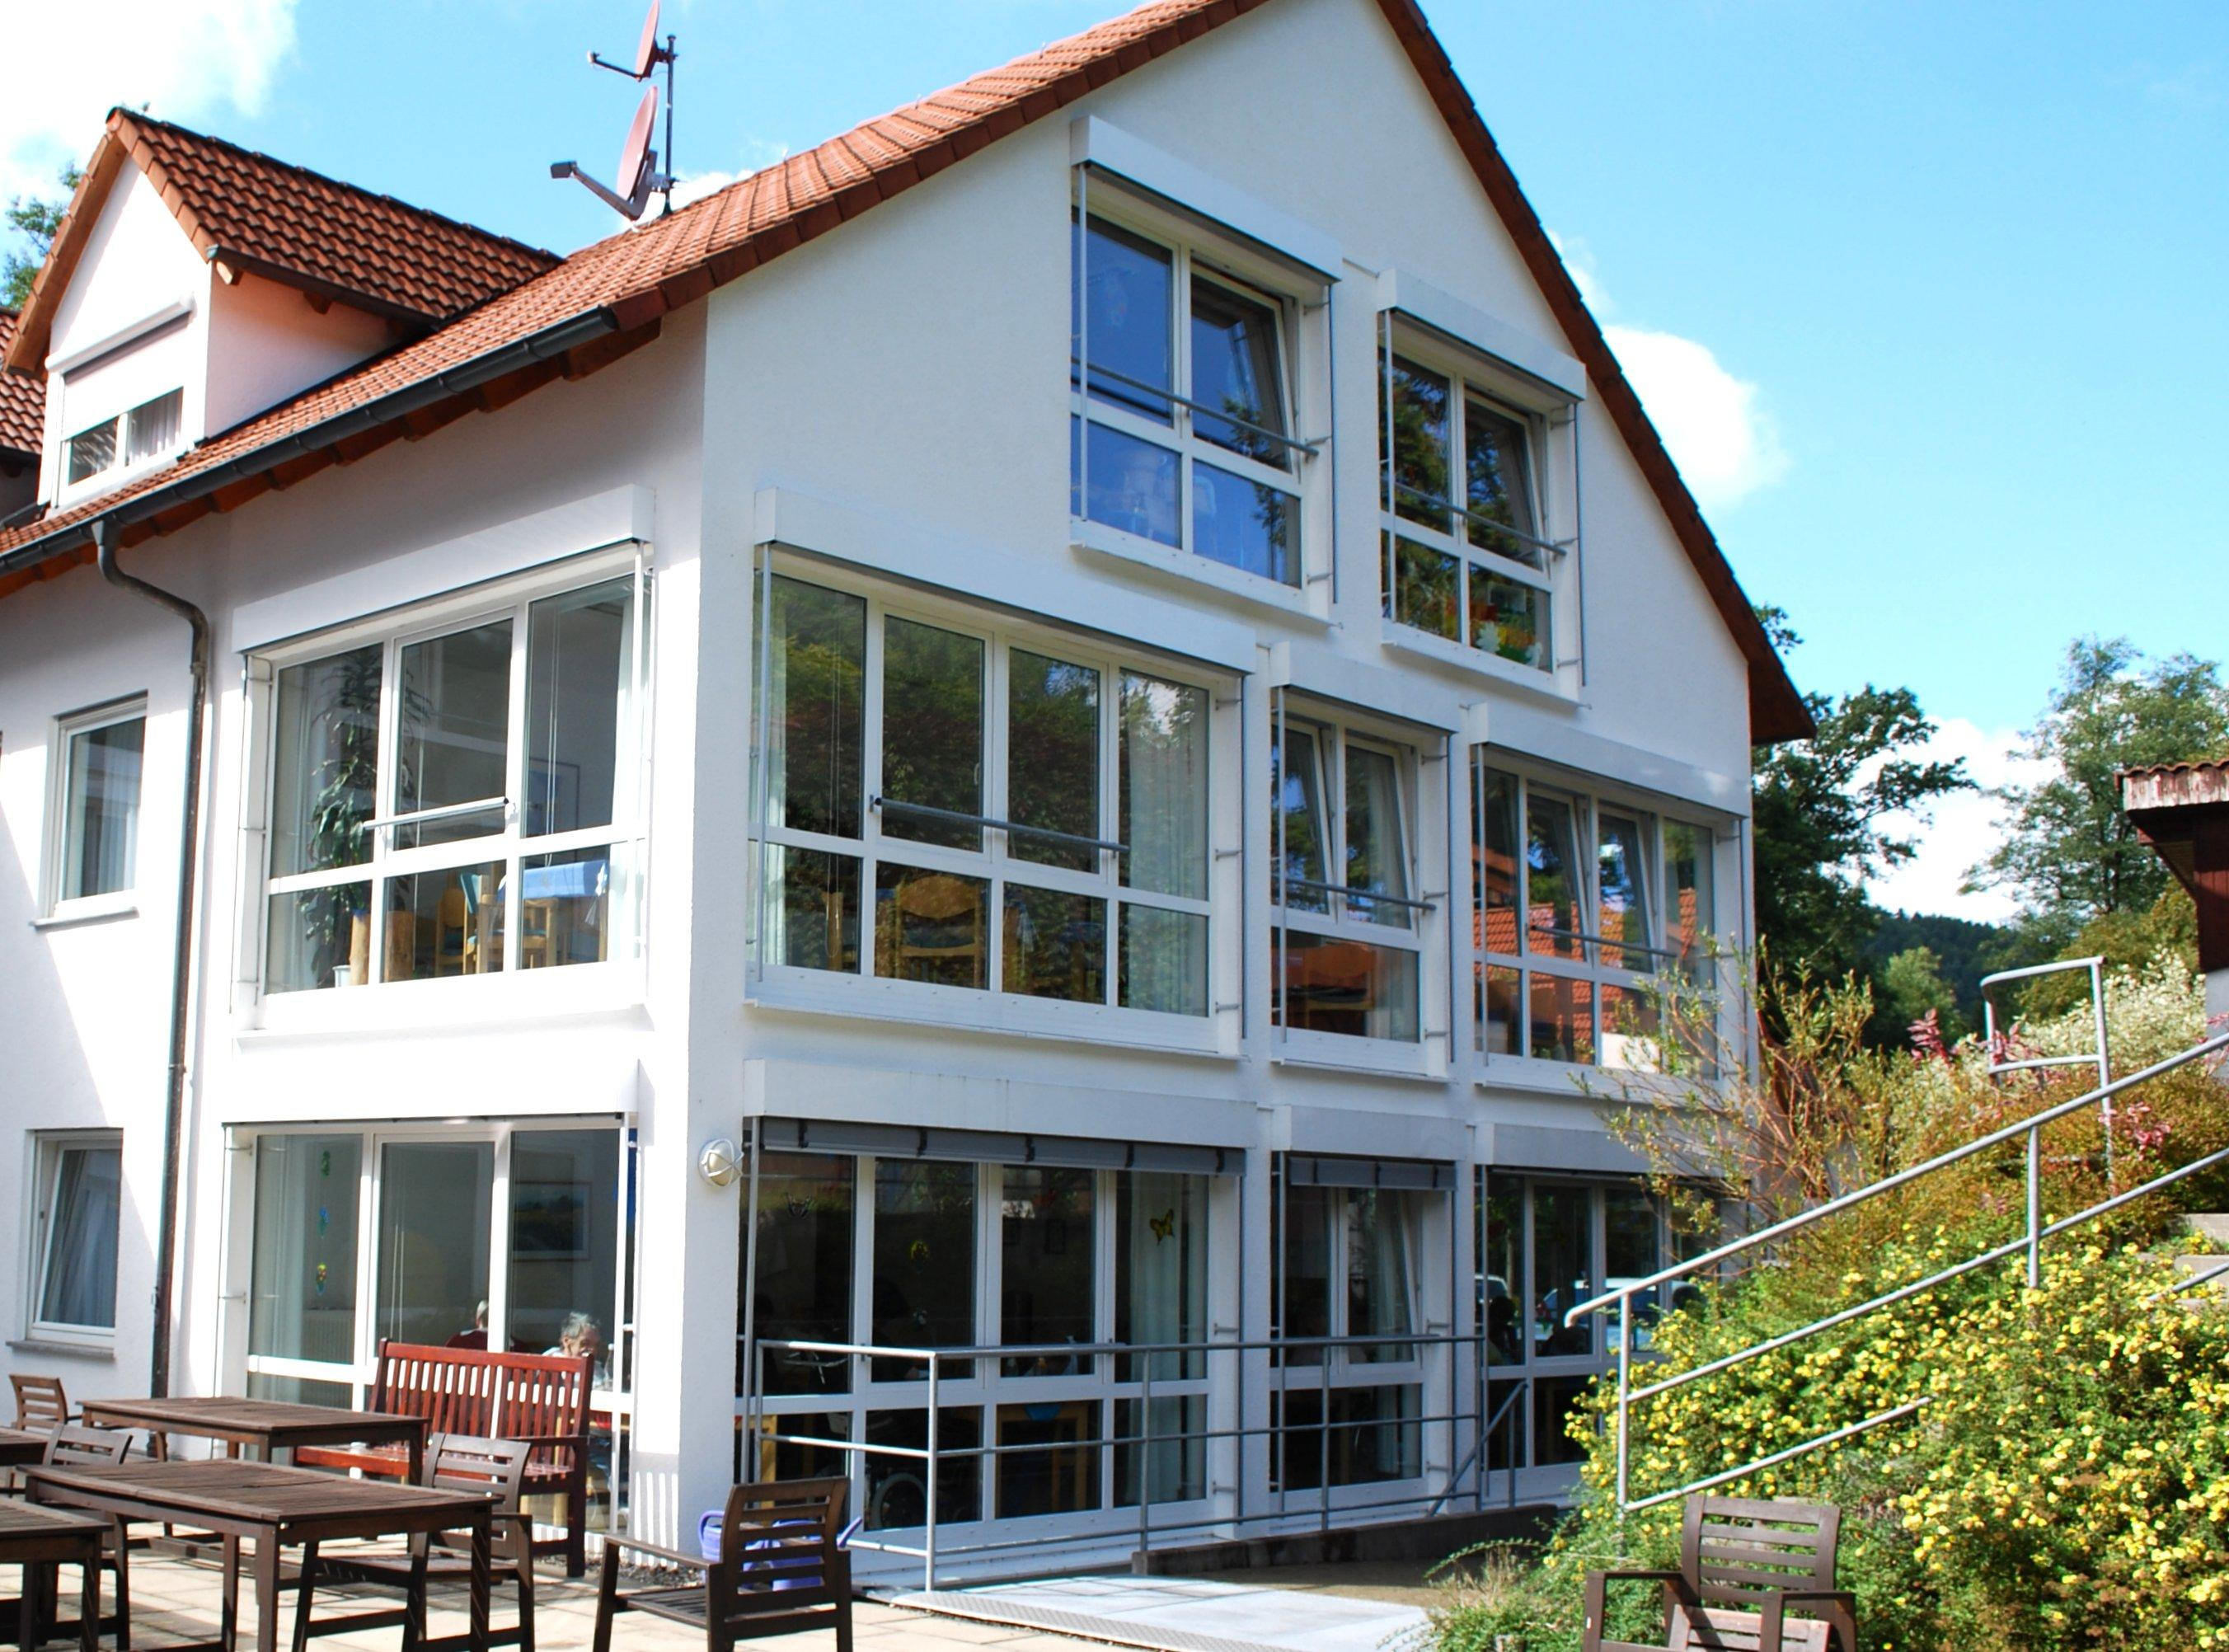 Sanatorium Waldfrieden / Heim für chron.psych. Kranke